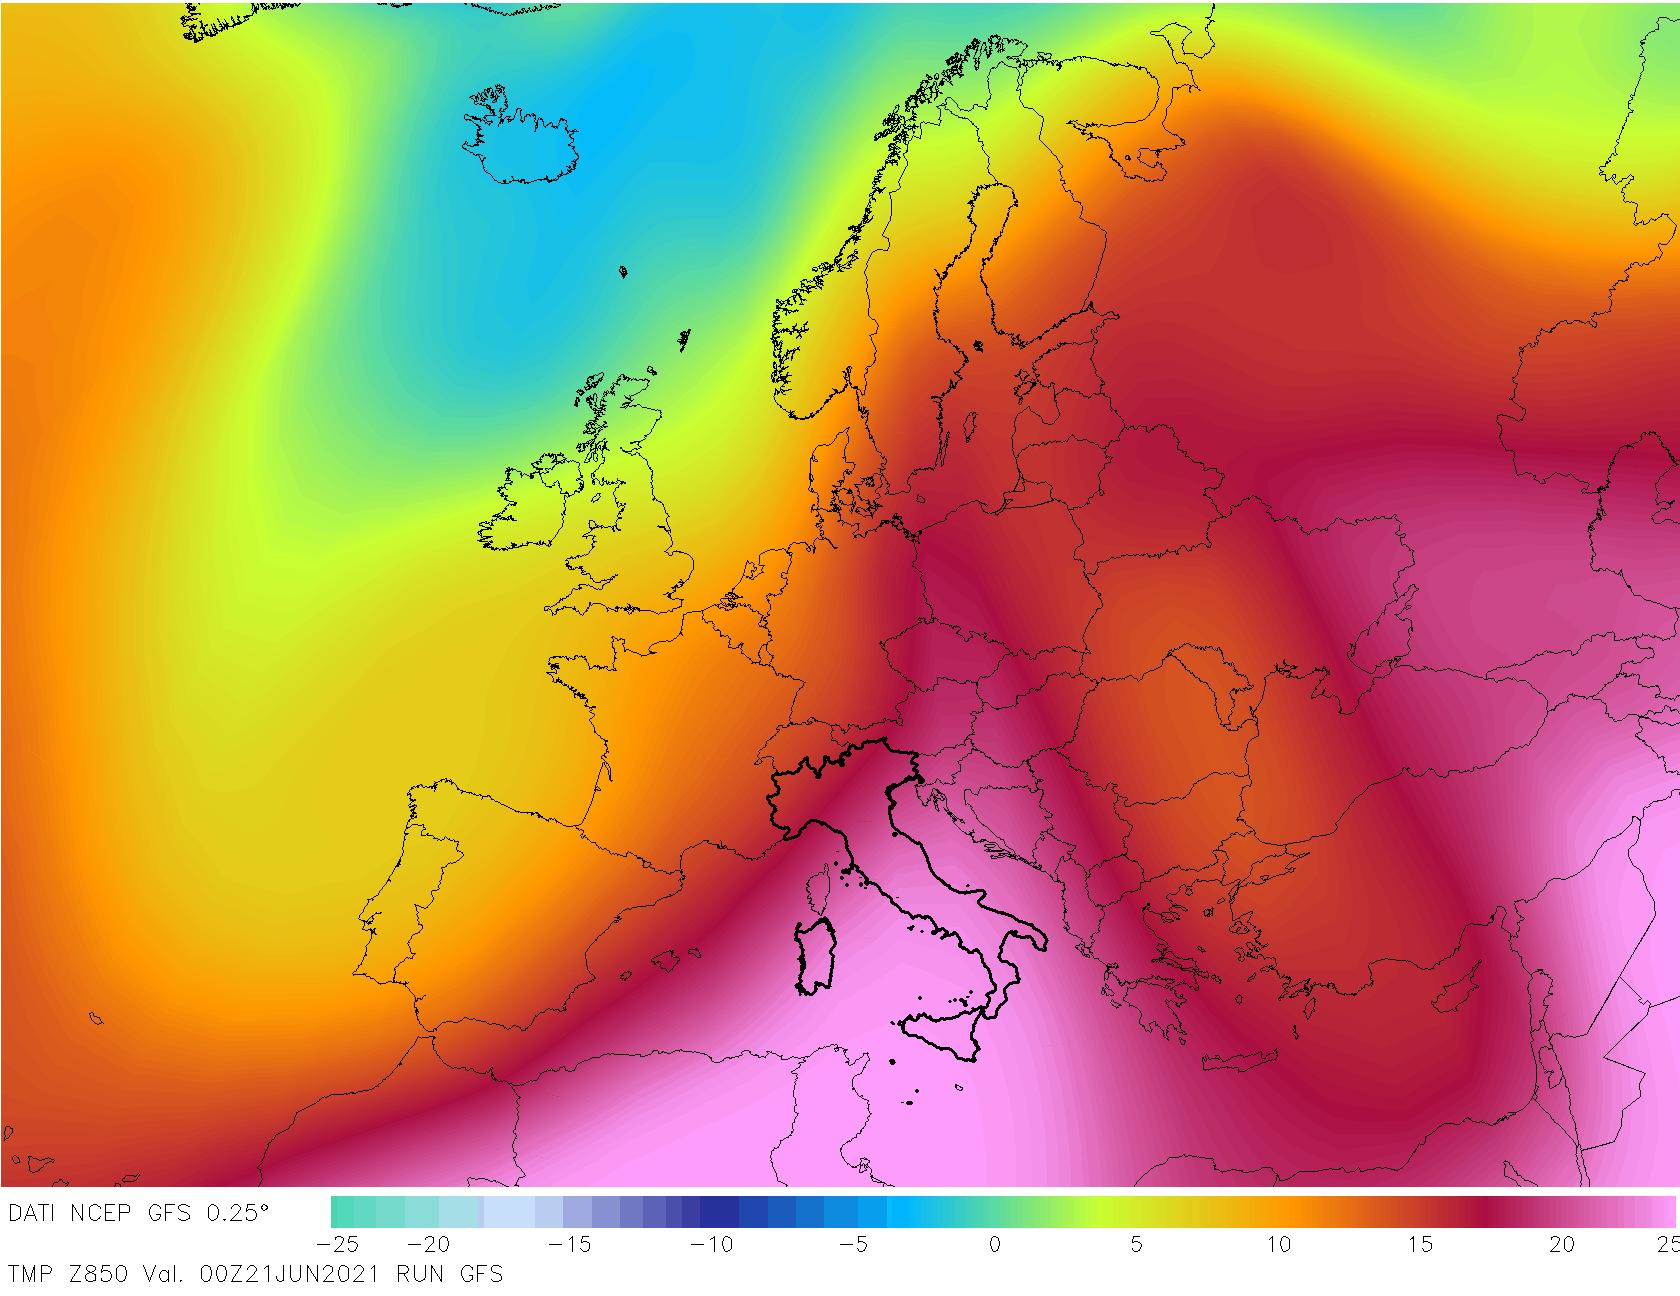 t850 48 - METEO , è come fossimo ai TROPICI in Italia, mappe. Il perché dei TEMPORALI